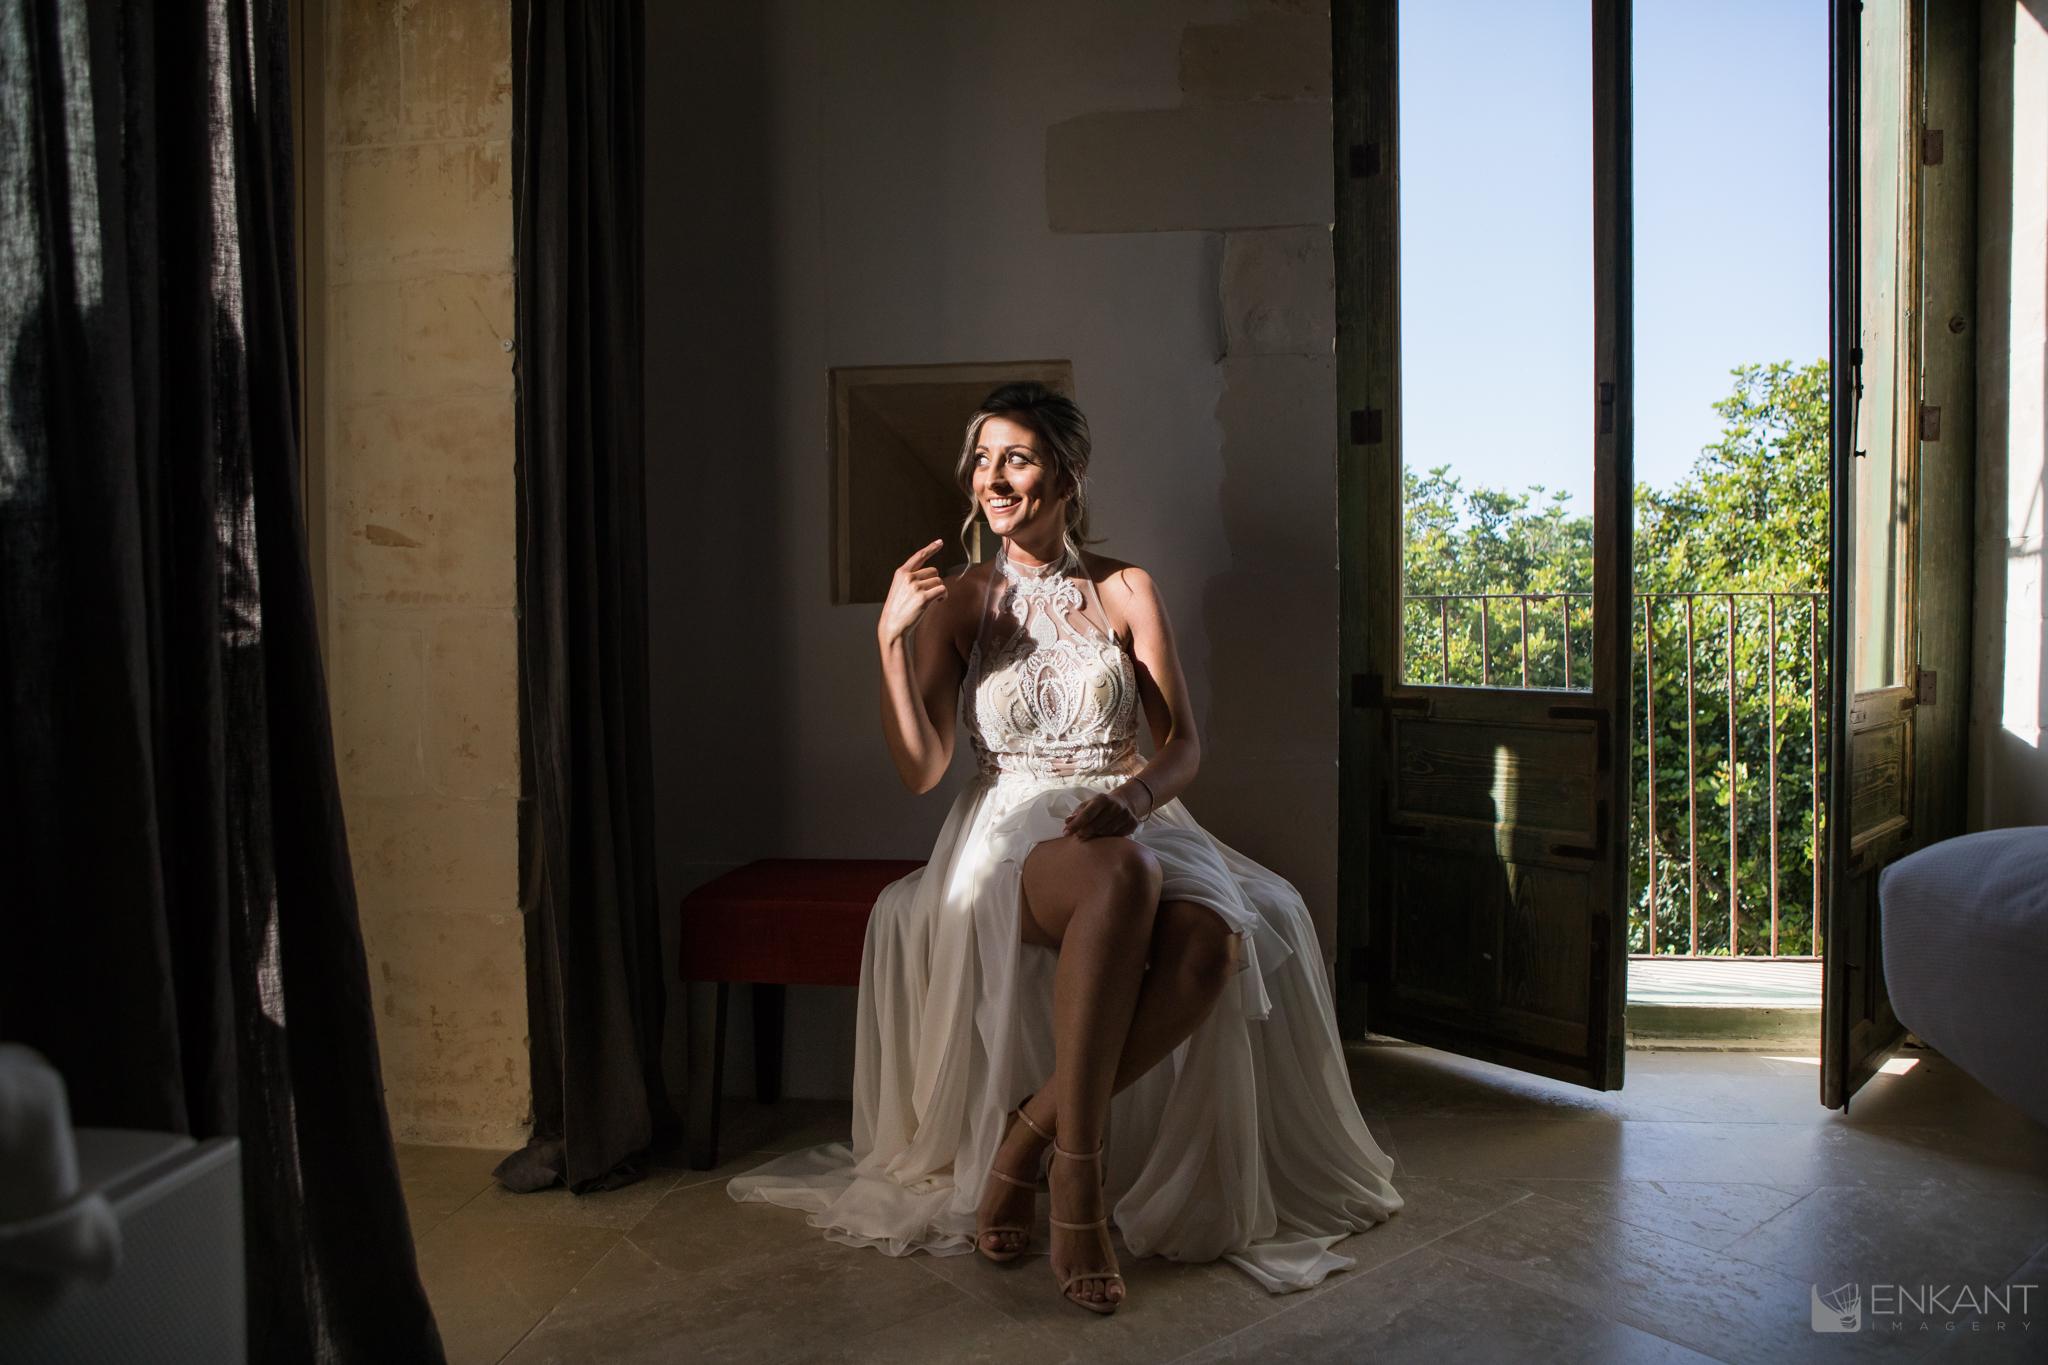 foto-matrimonio-enkant-noto-dimoradellebalze-19.jpg